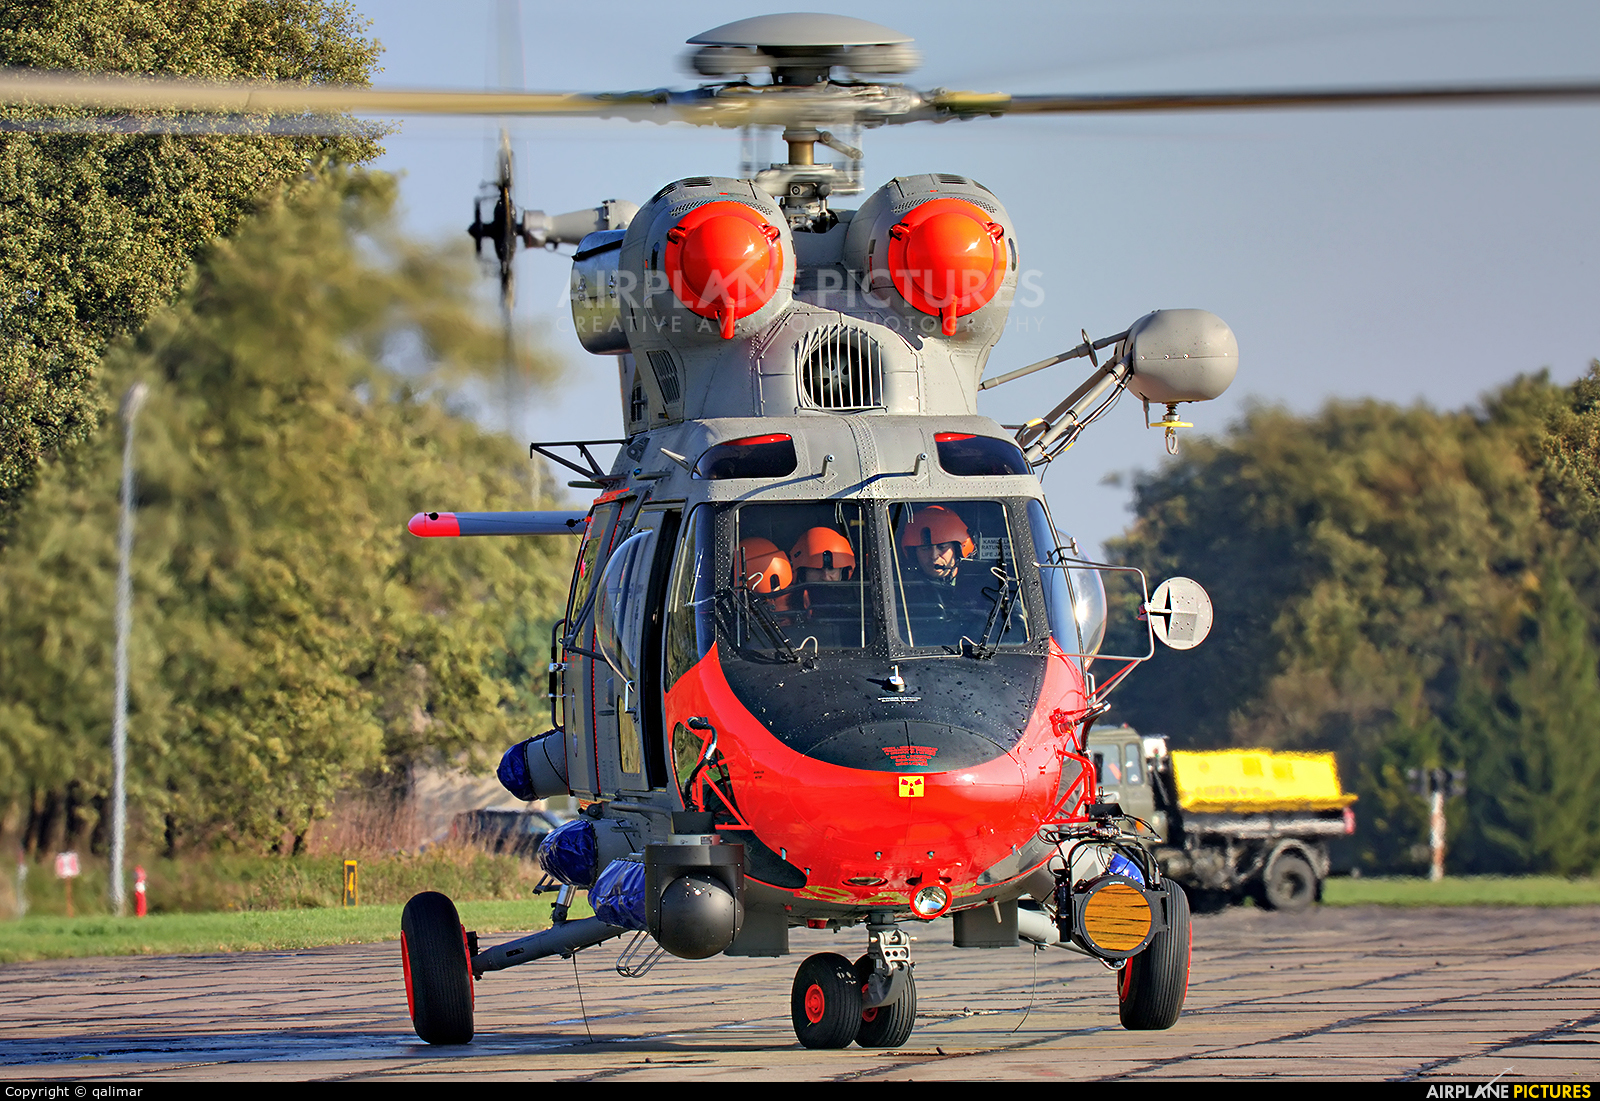 Poland - Navy 0505 aircraft at Darłowo